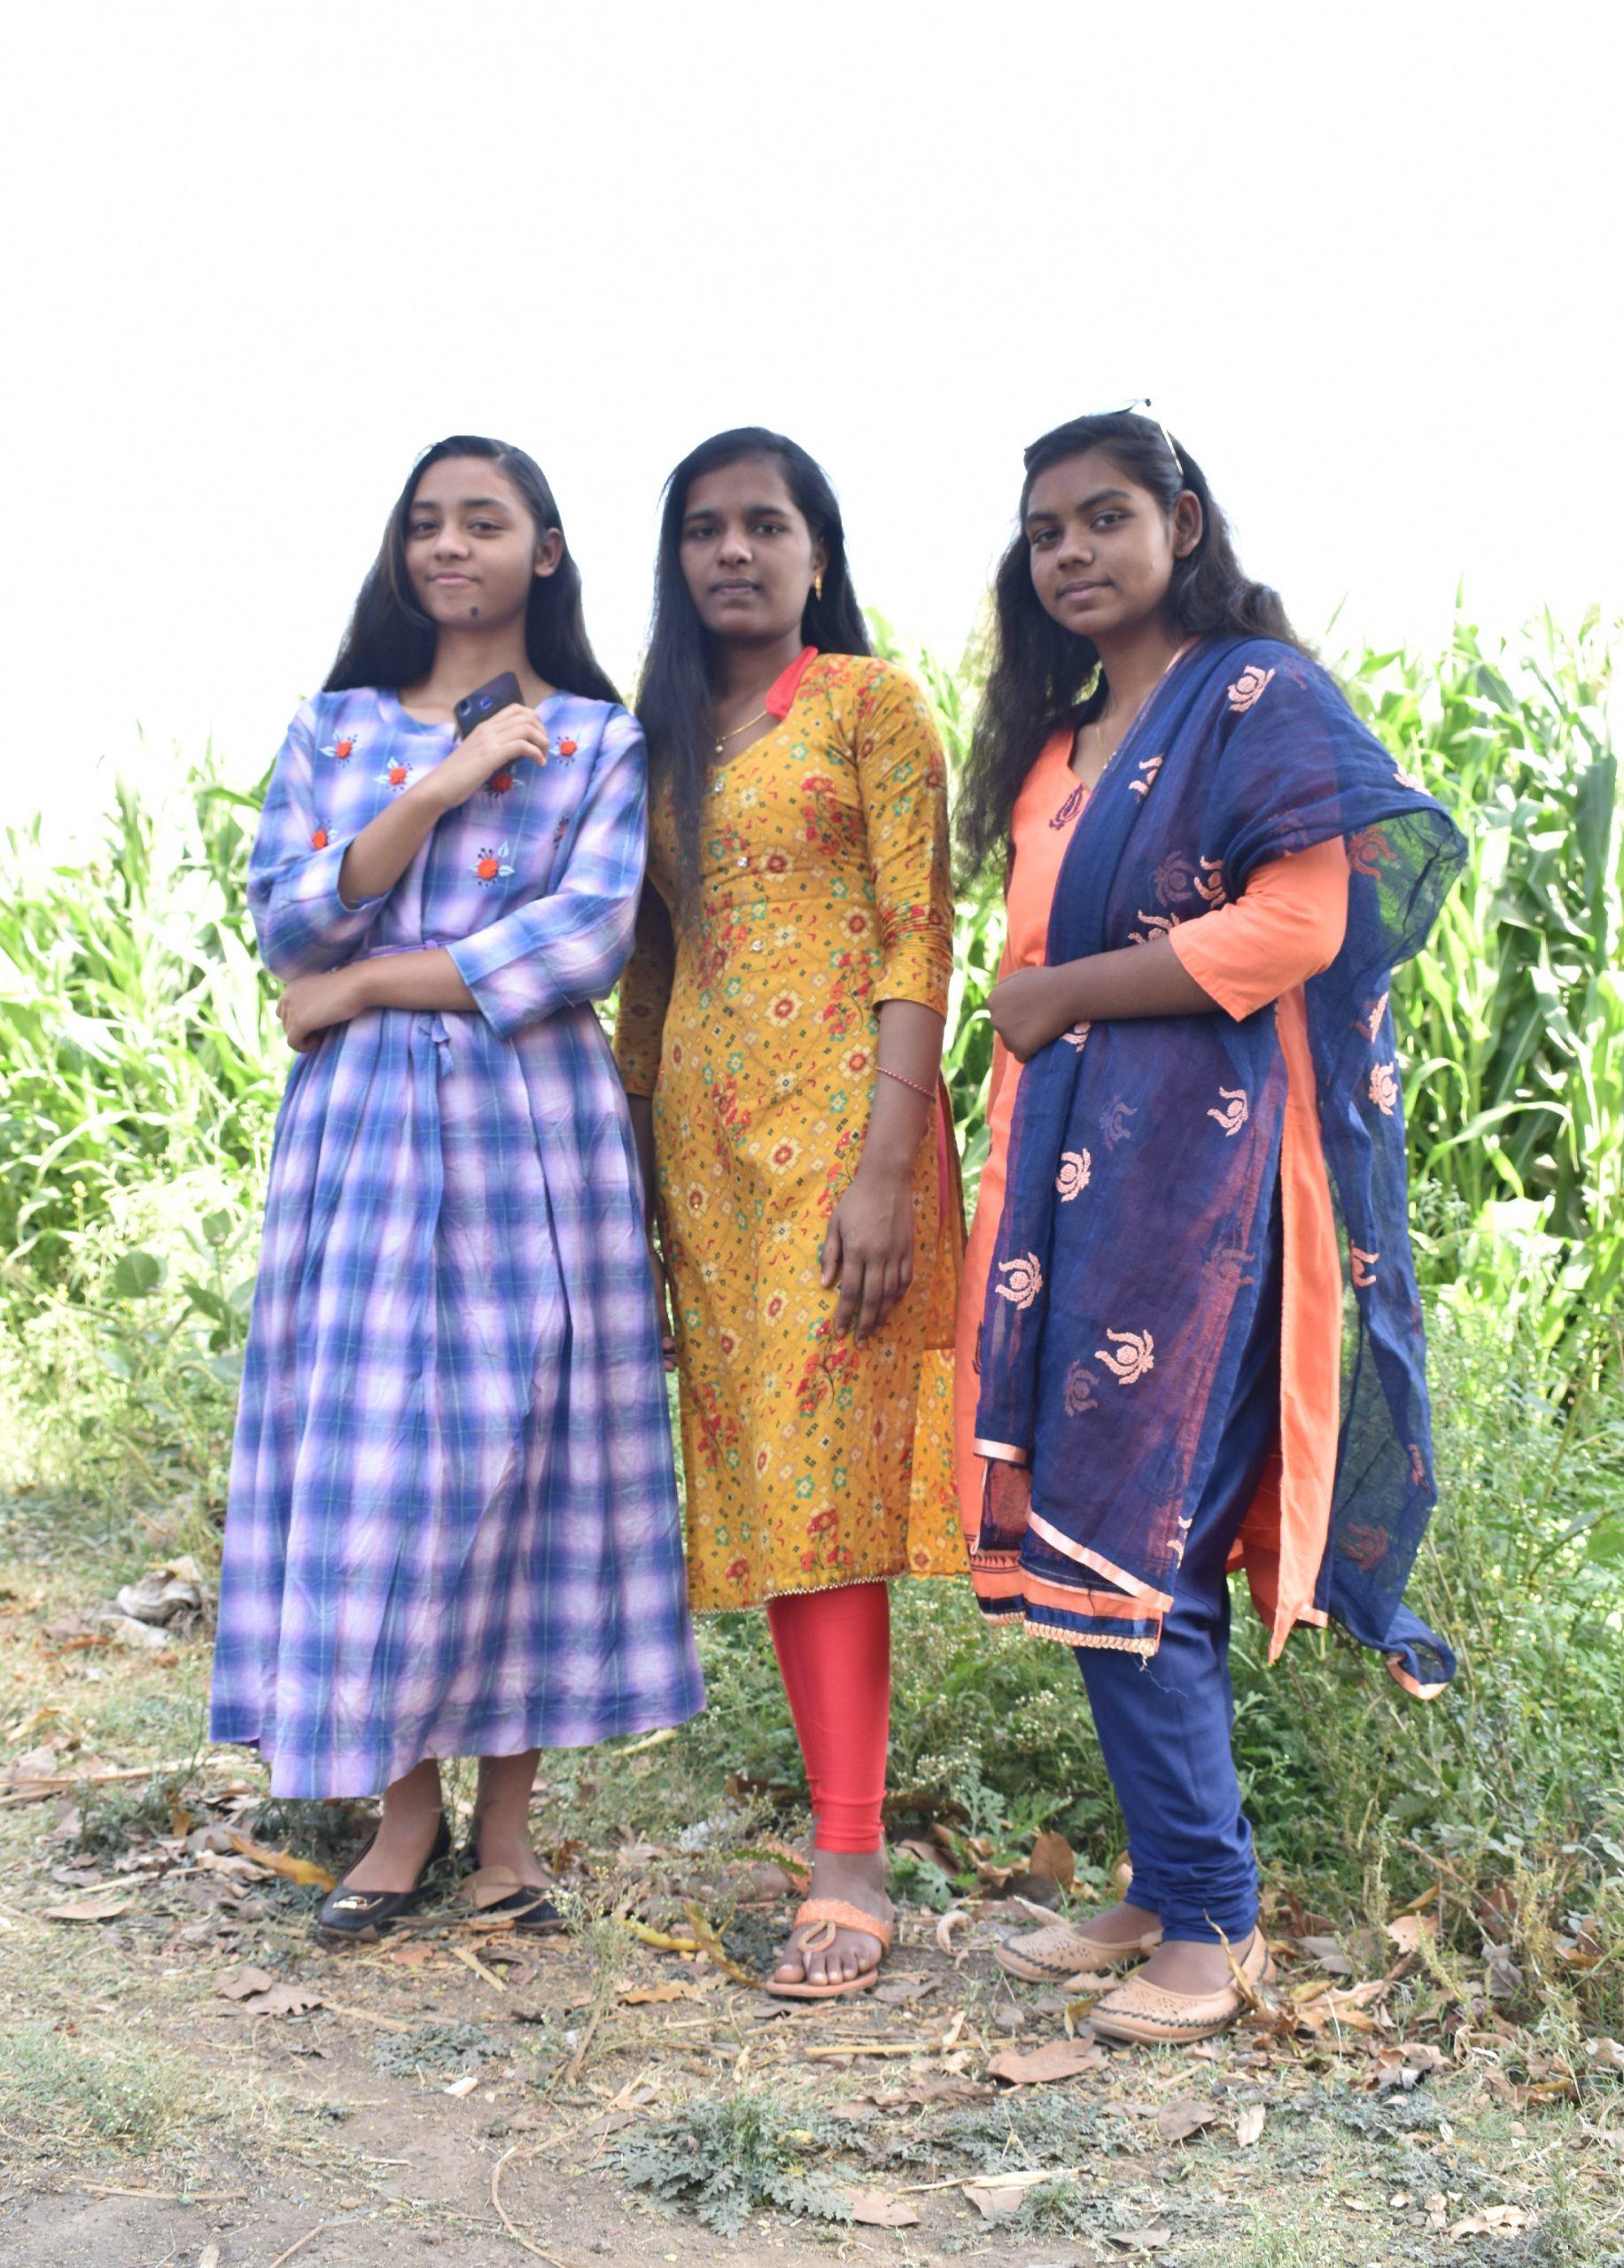 Girls of a village